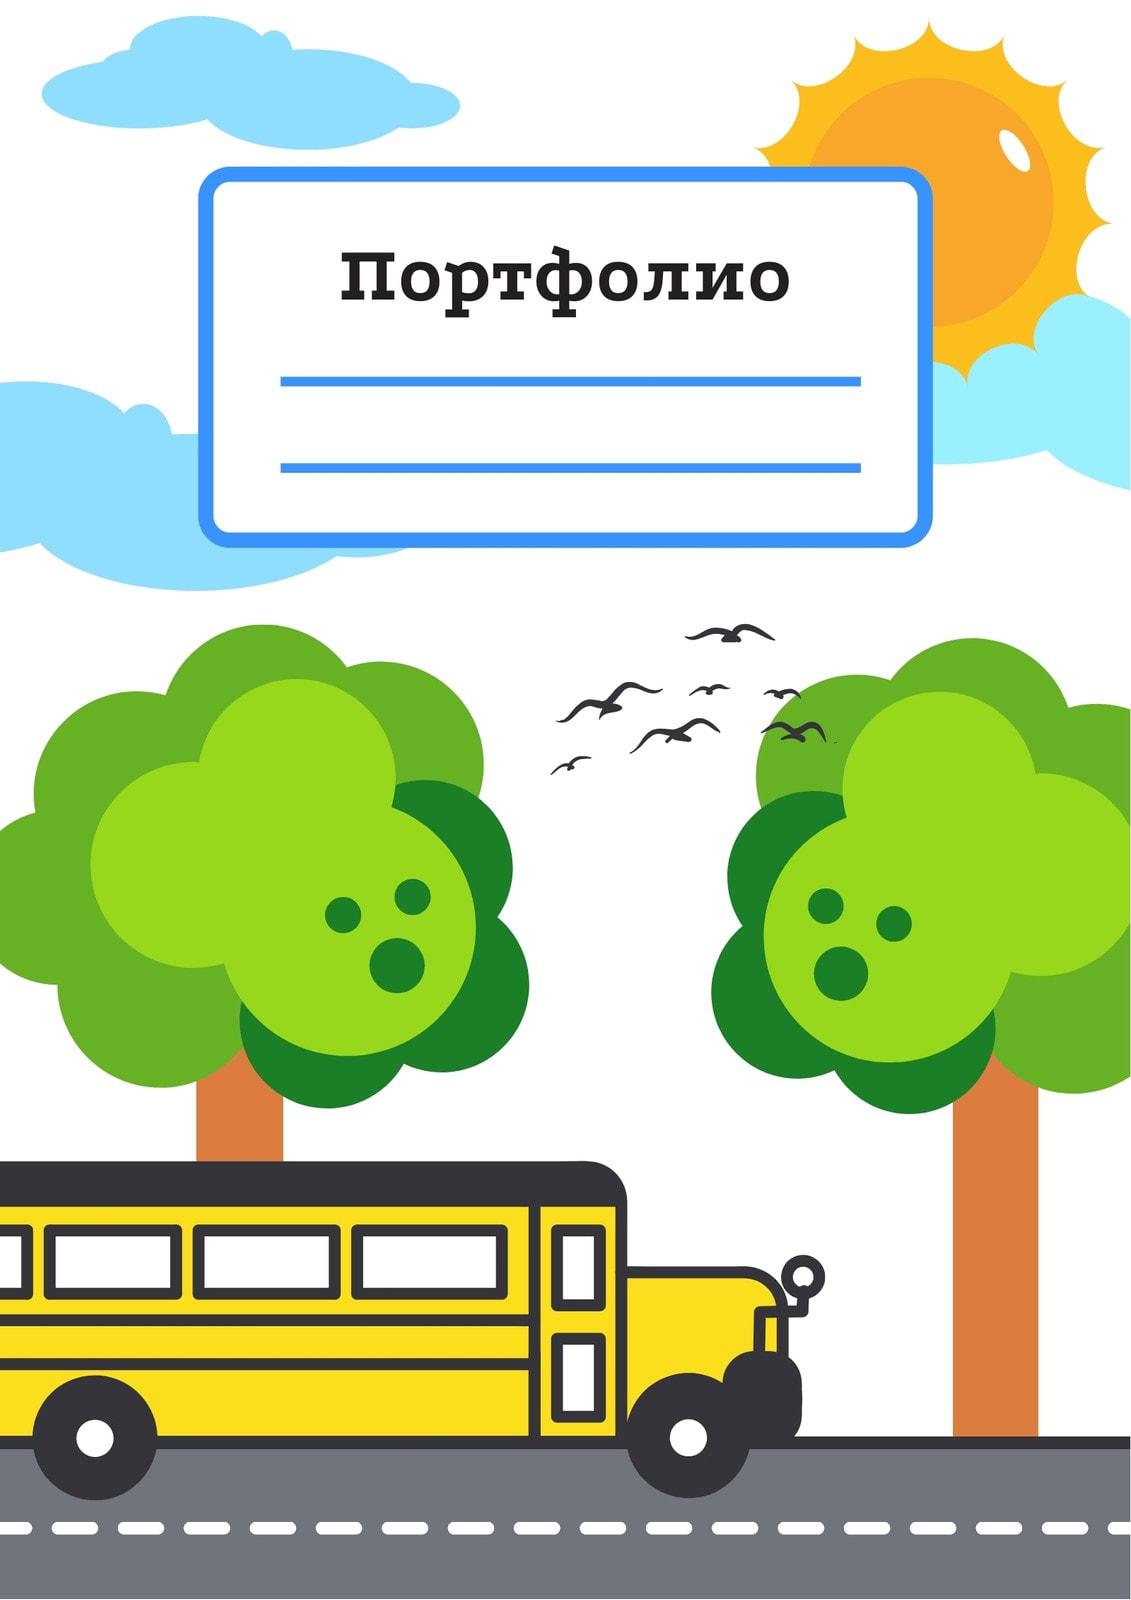 Белое, зеленое и желтое портфолио дошкольника с рисунками транспорта